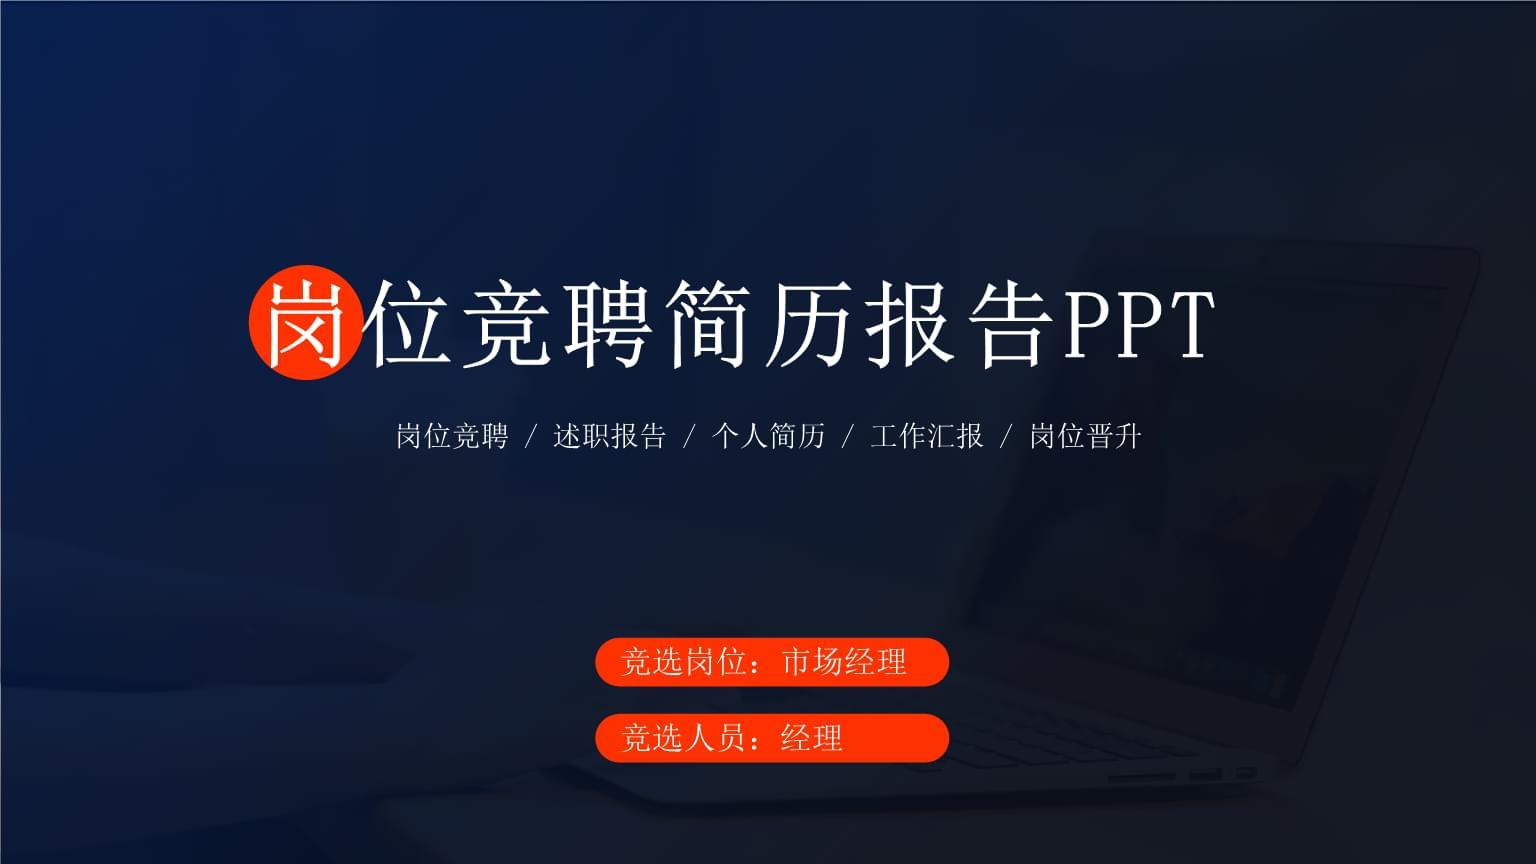 蓝色渐变大气岗位竞聘简历模板.pptx